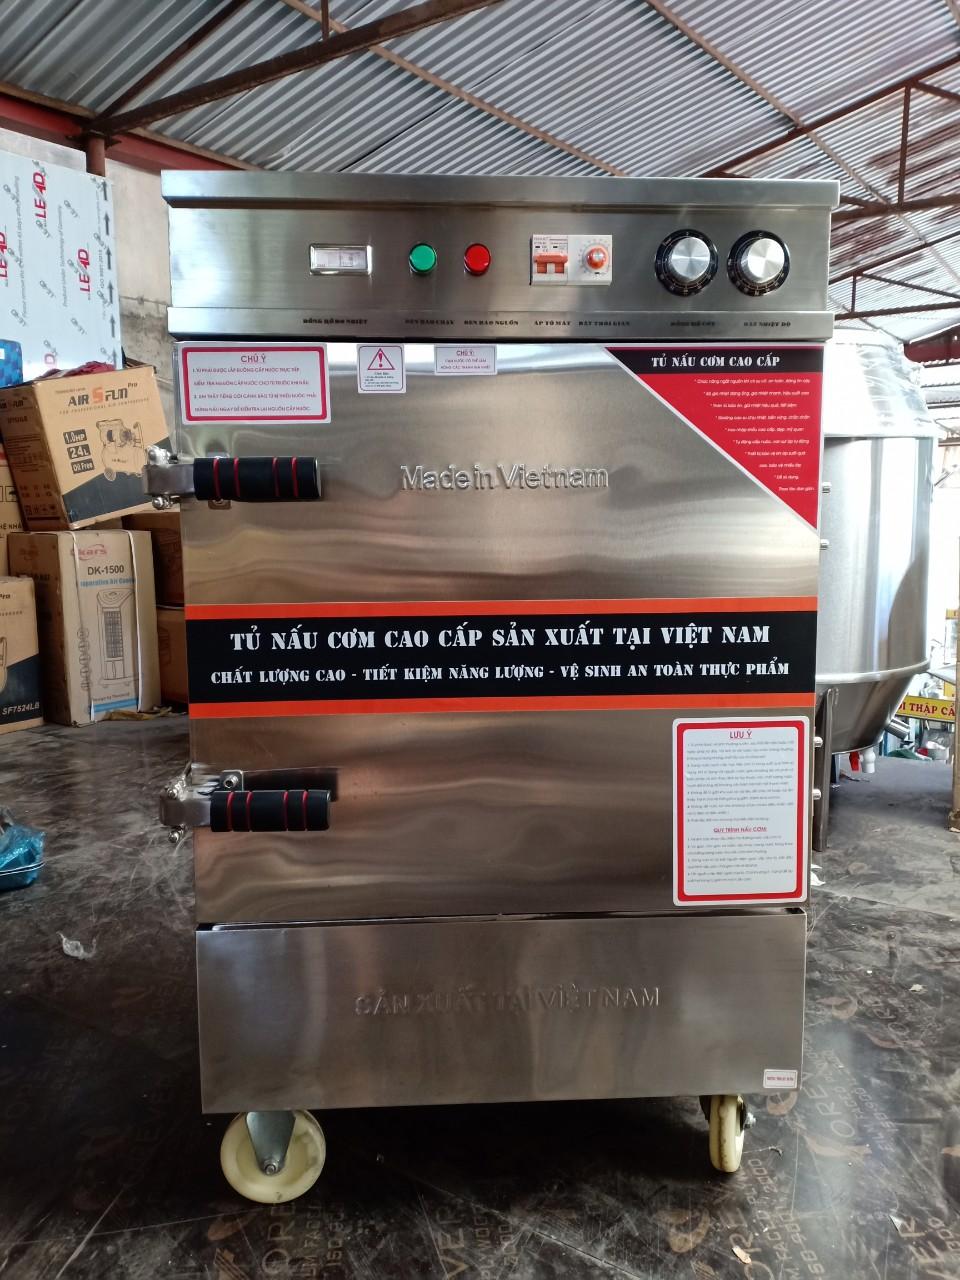 Tủ Nấu Cơm Điện 6 Khay 4 Trong 1 Có Hẹn Giờ Aptomat Kết Hợp Đồng Hồ Báo Nhiệt Độ Và Chế Độ Ủ Giữ Nhiệt với Còi Báo Cạn Nước